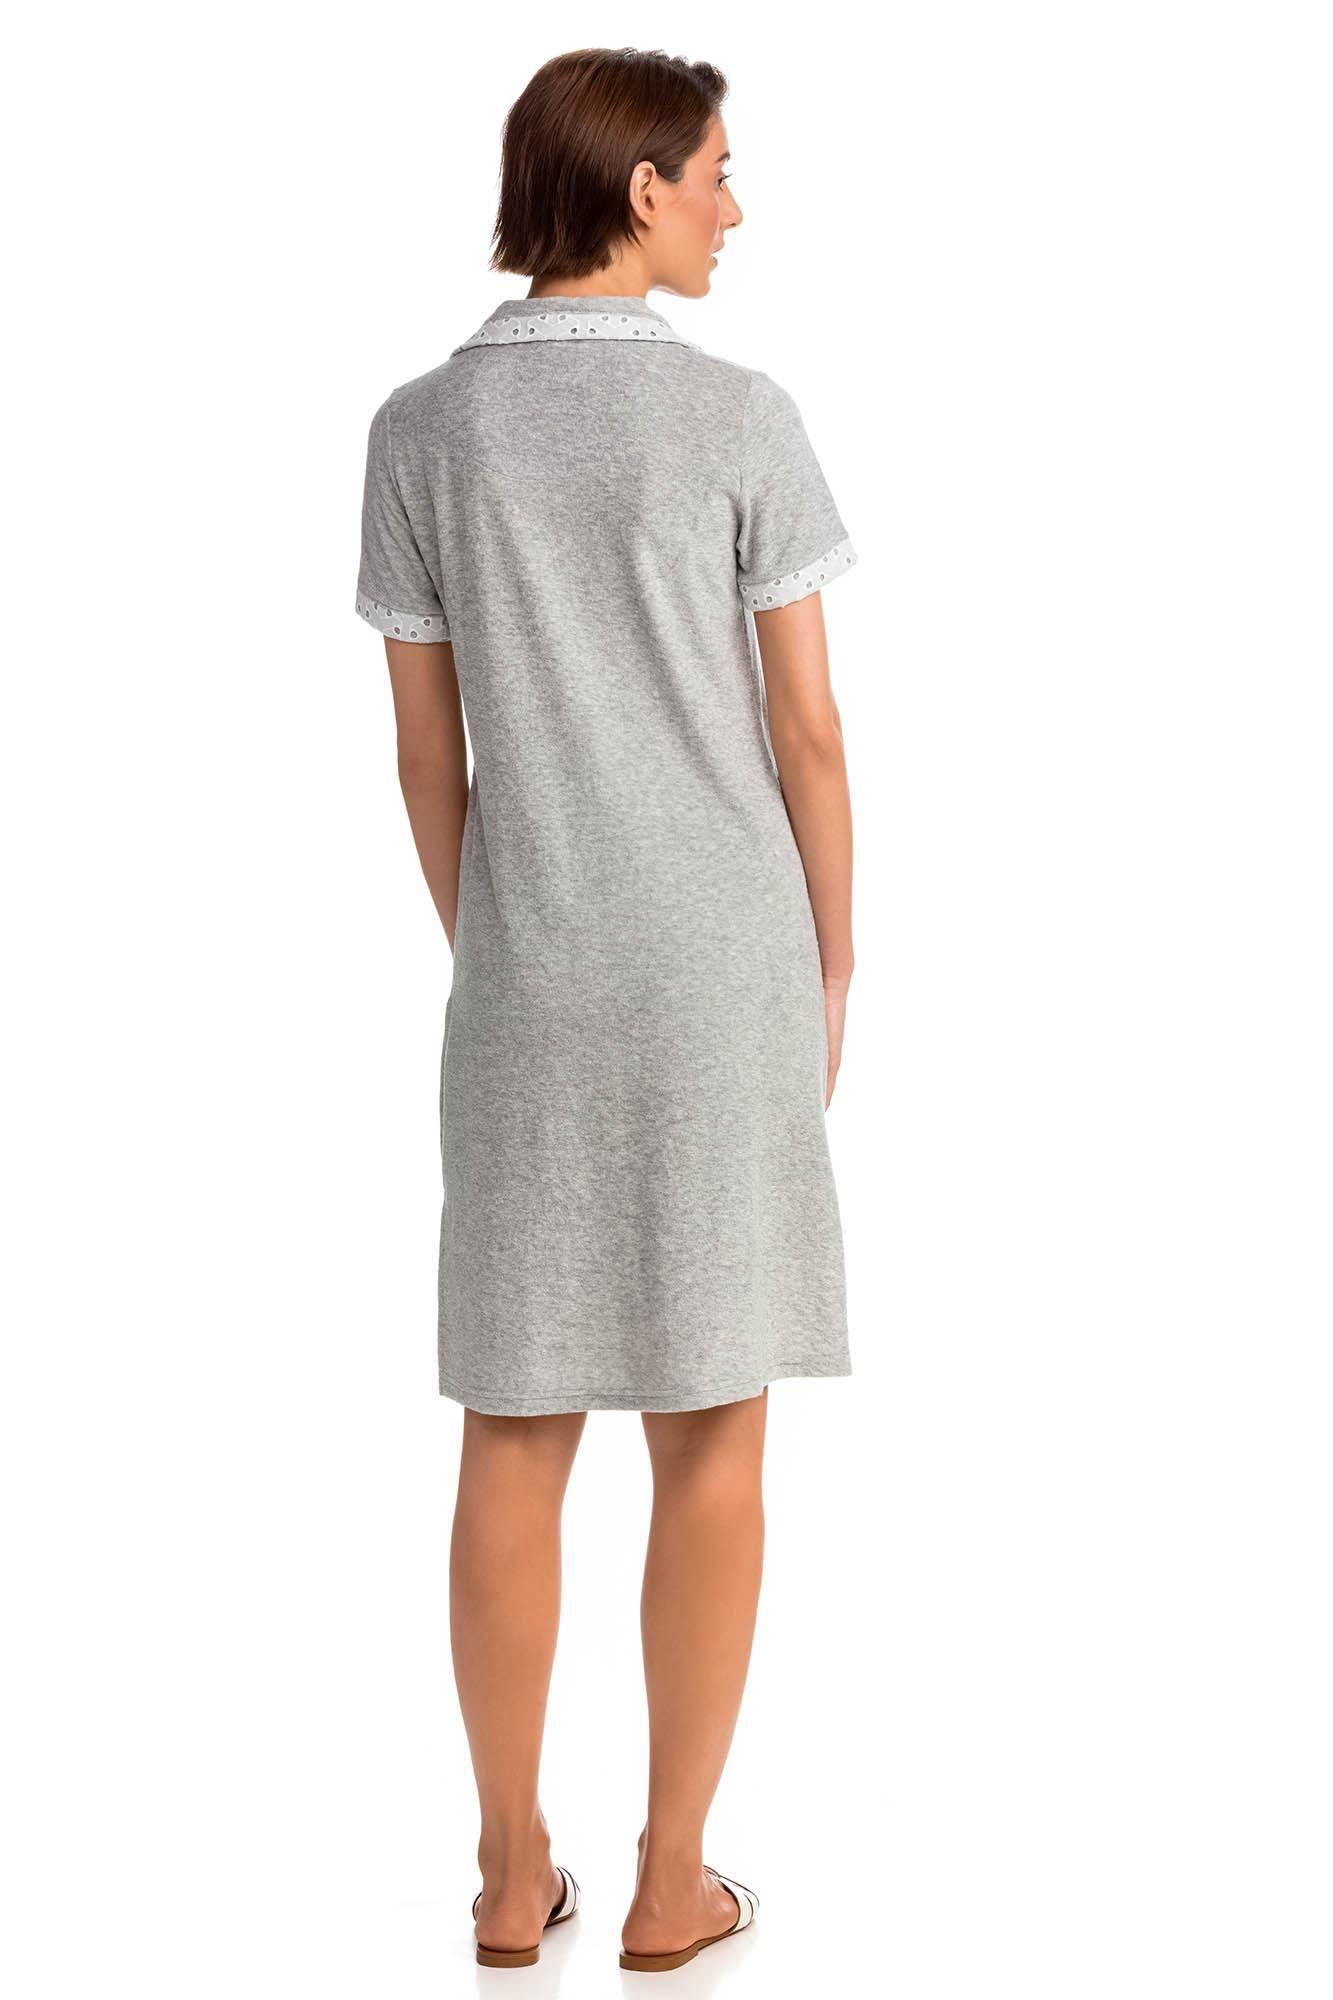 Φόρεμα Πετσετέ με Φερμουάρ